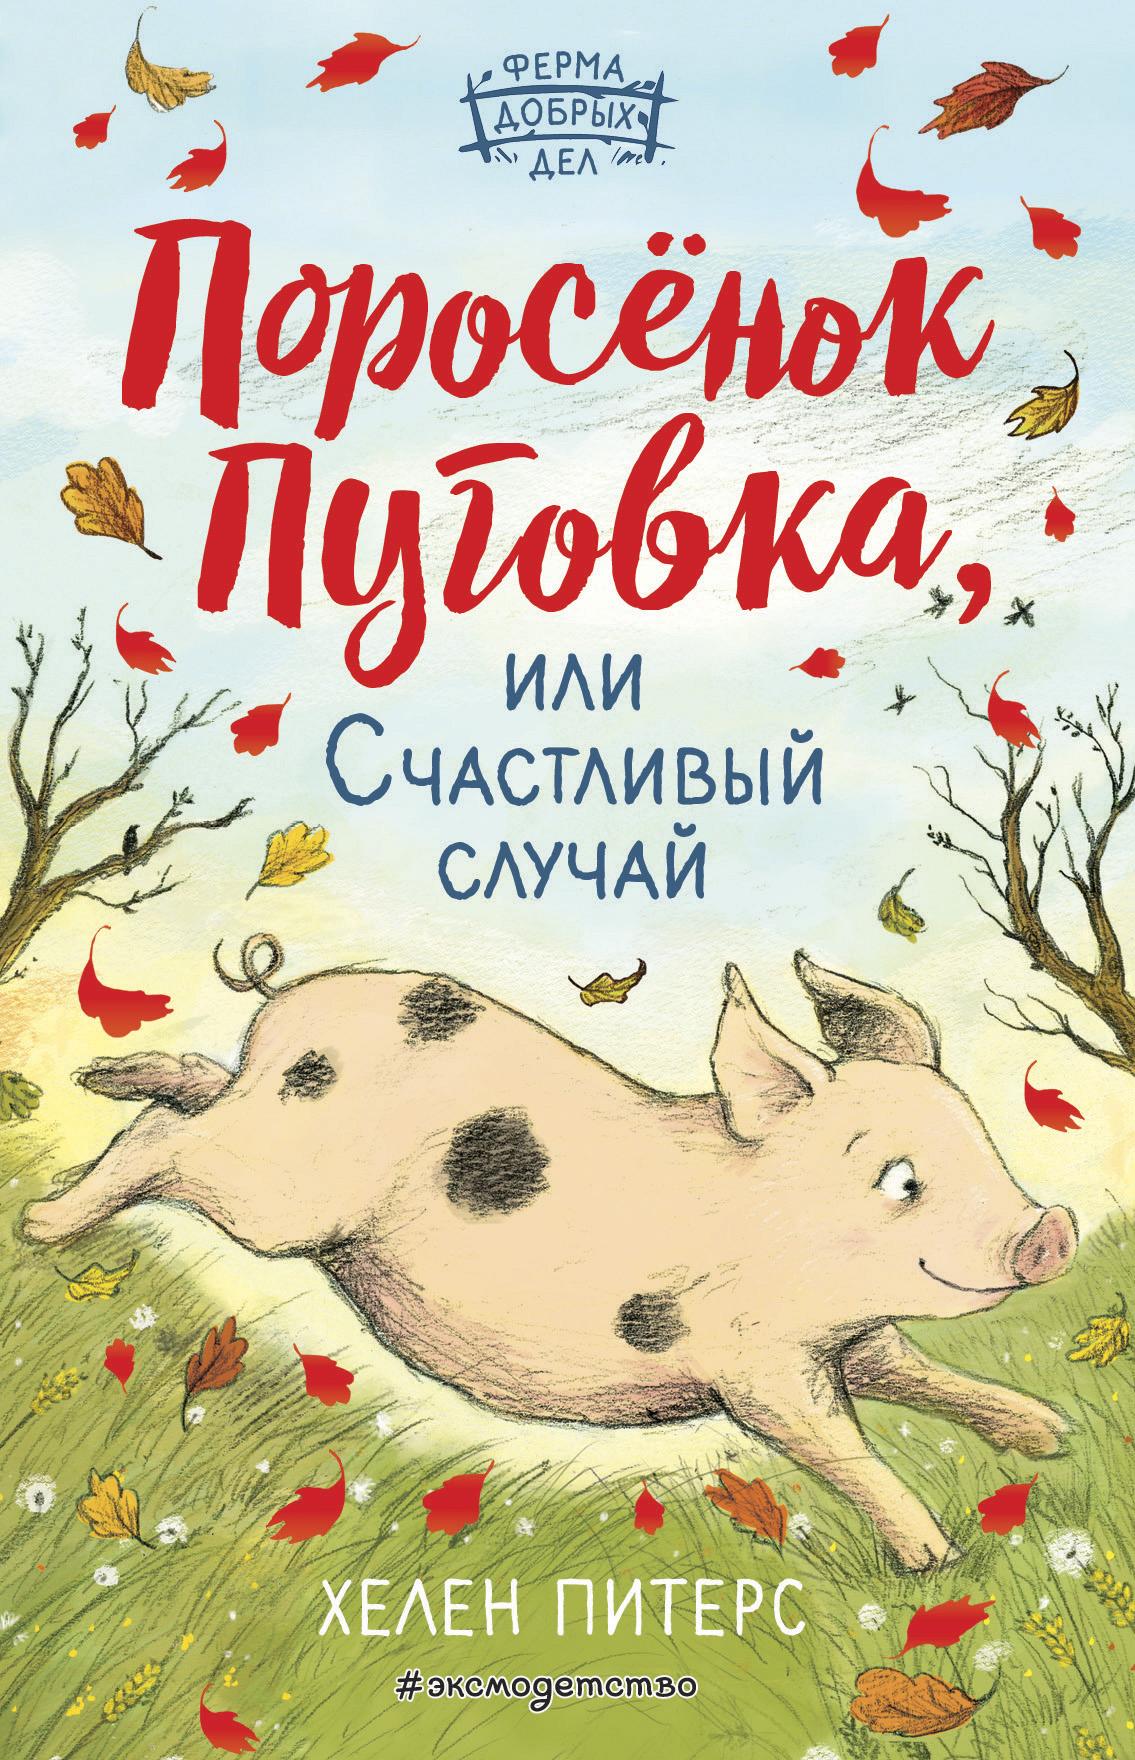 Купить книгу Поросёнок Пуговка, или Счастливый случай, автора Хелен Питерс